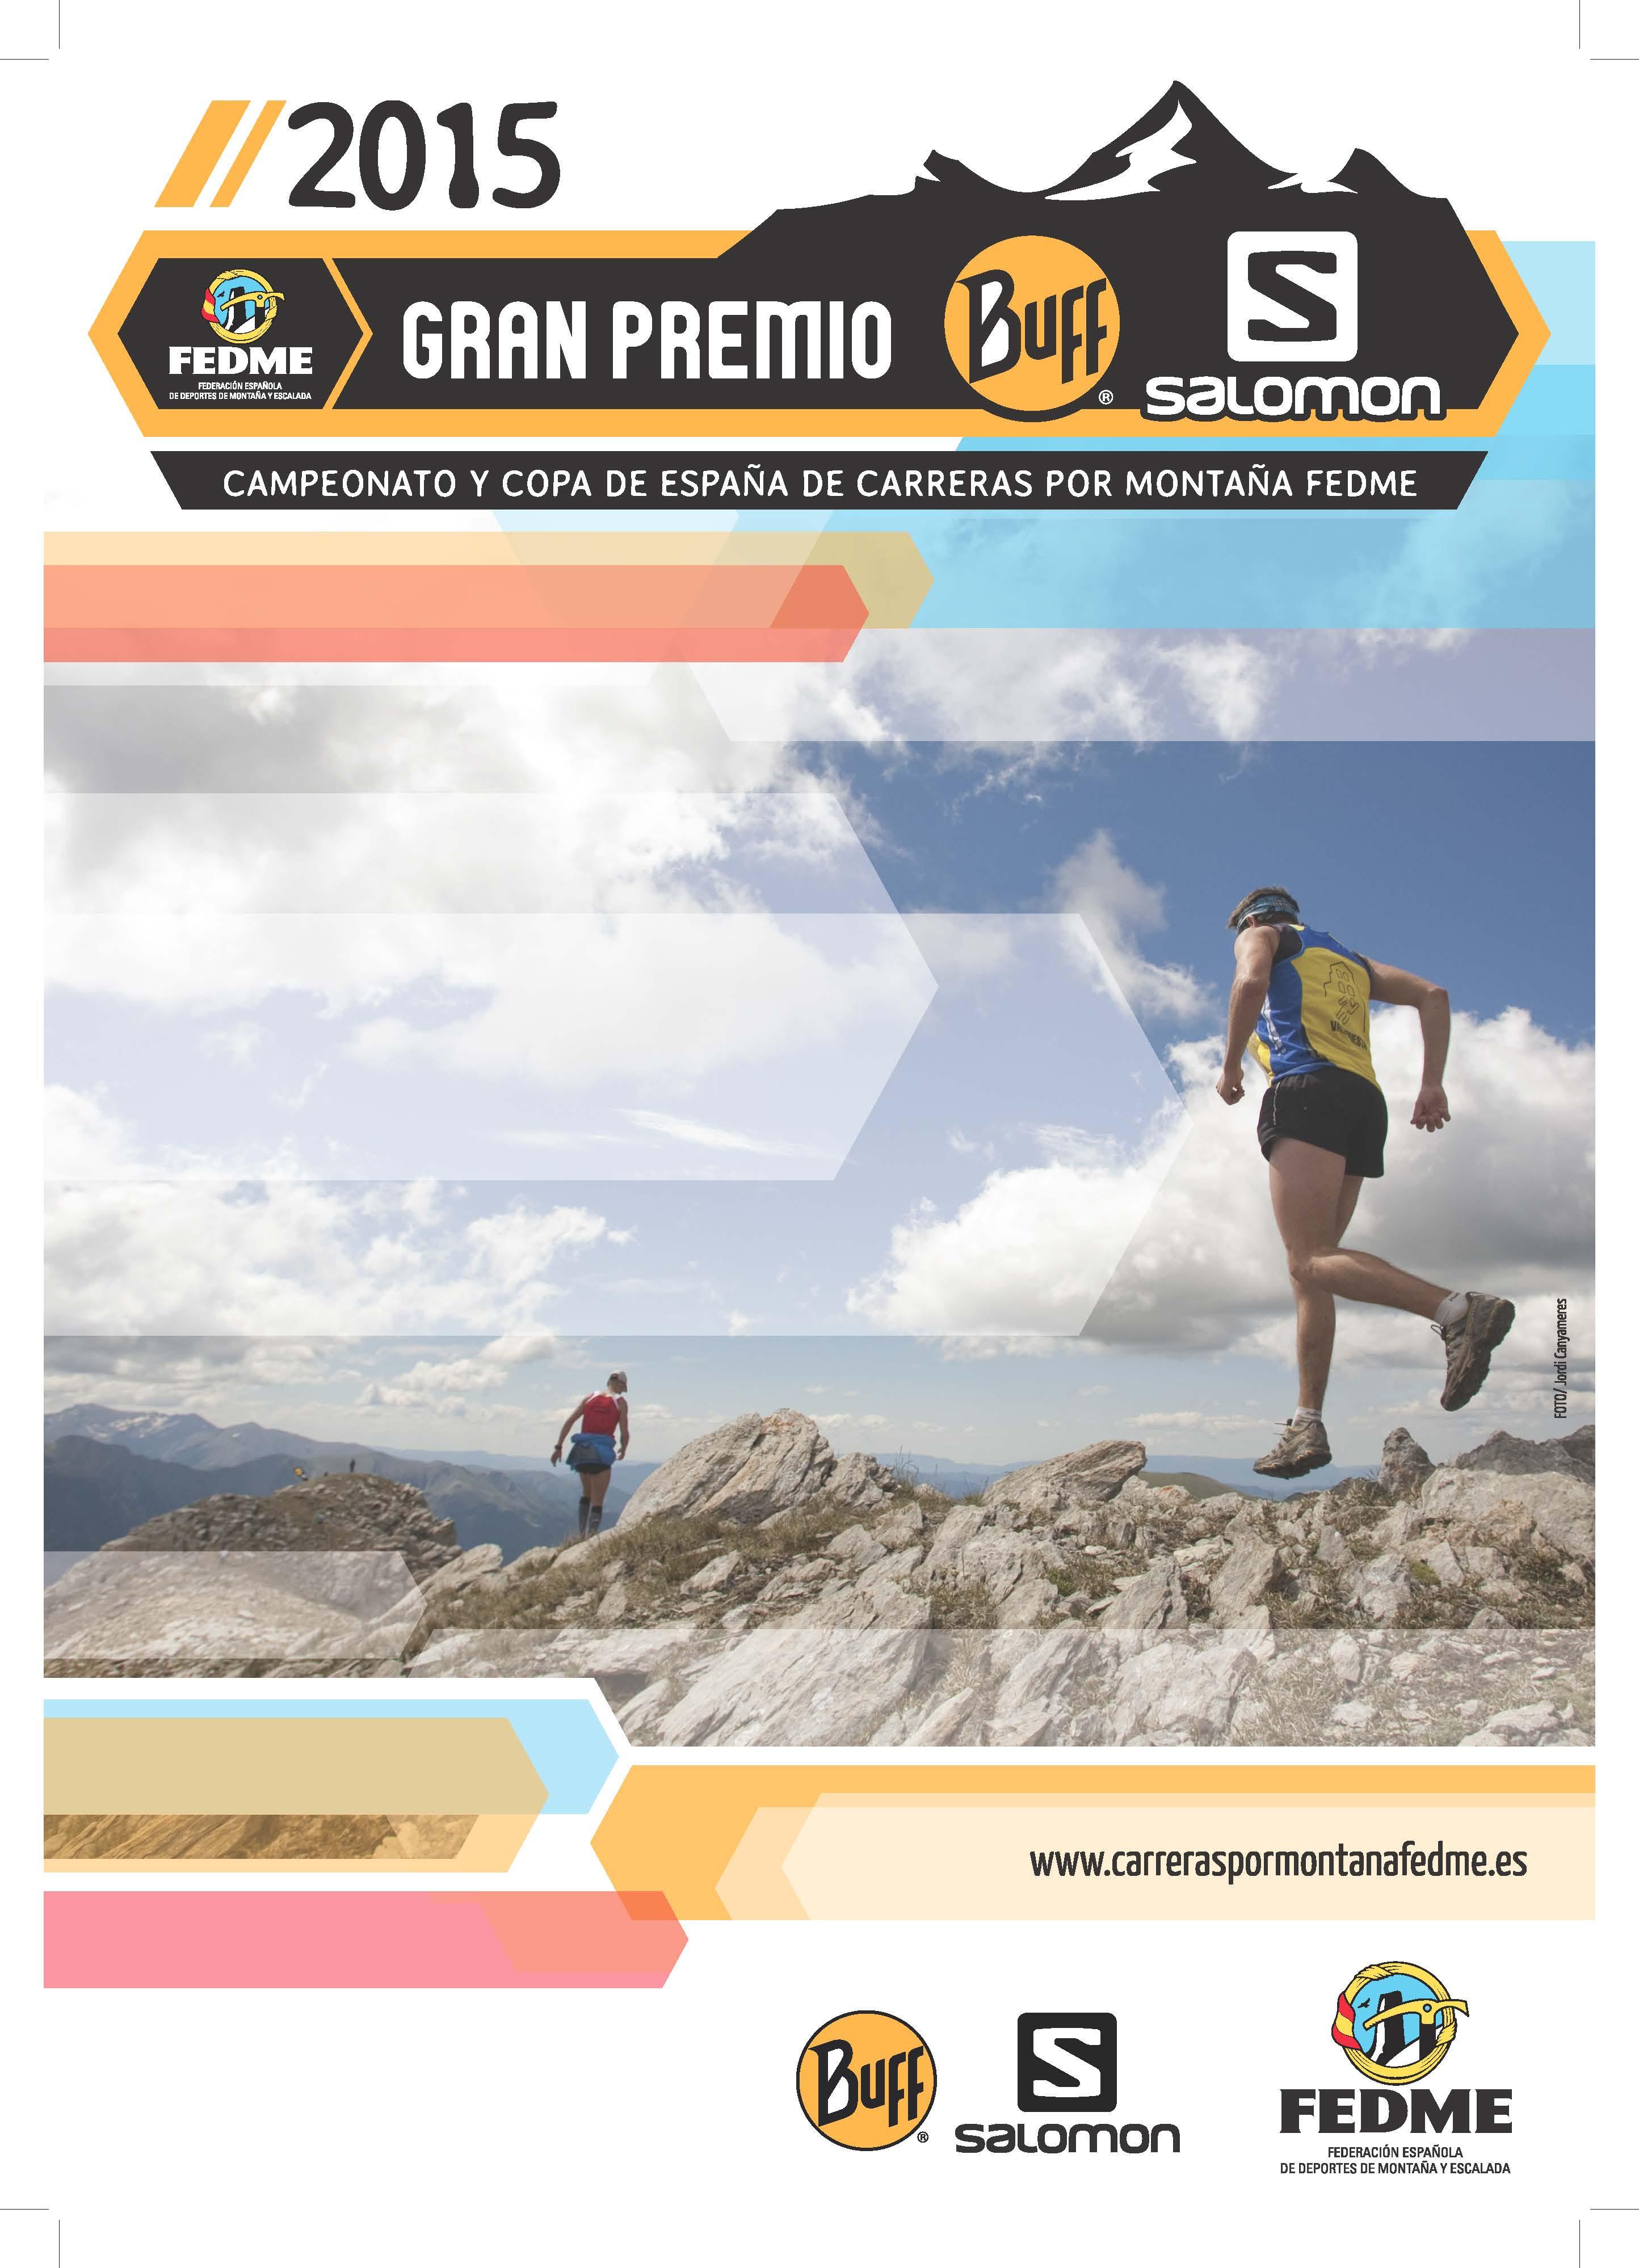 Presentación de la nueva imagen y calendario de la Copa de España de Carreras por Montaña Gran Premio Buff-Salomon FEDME